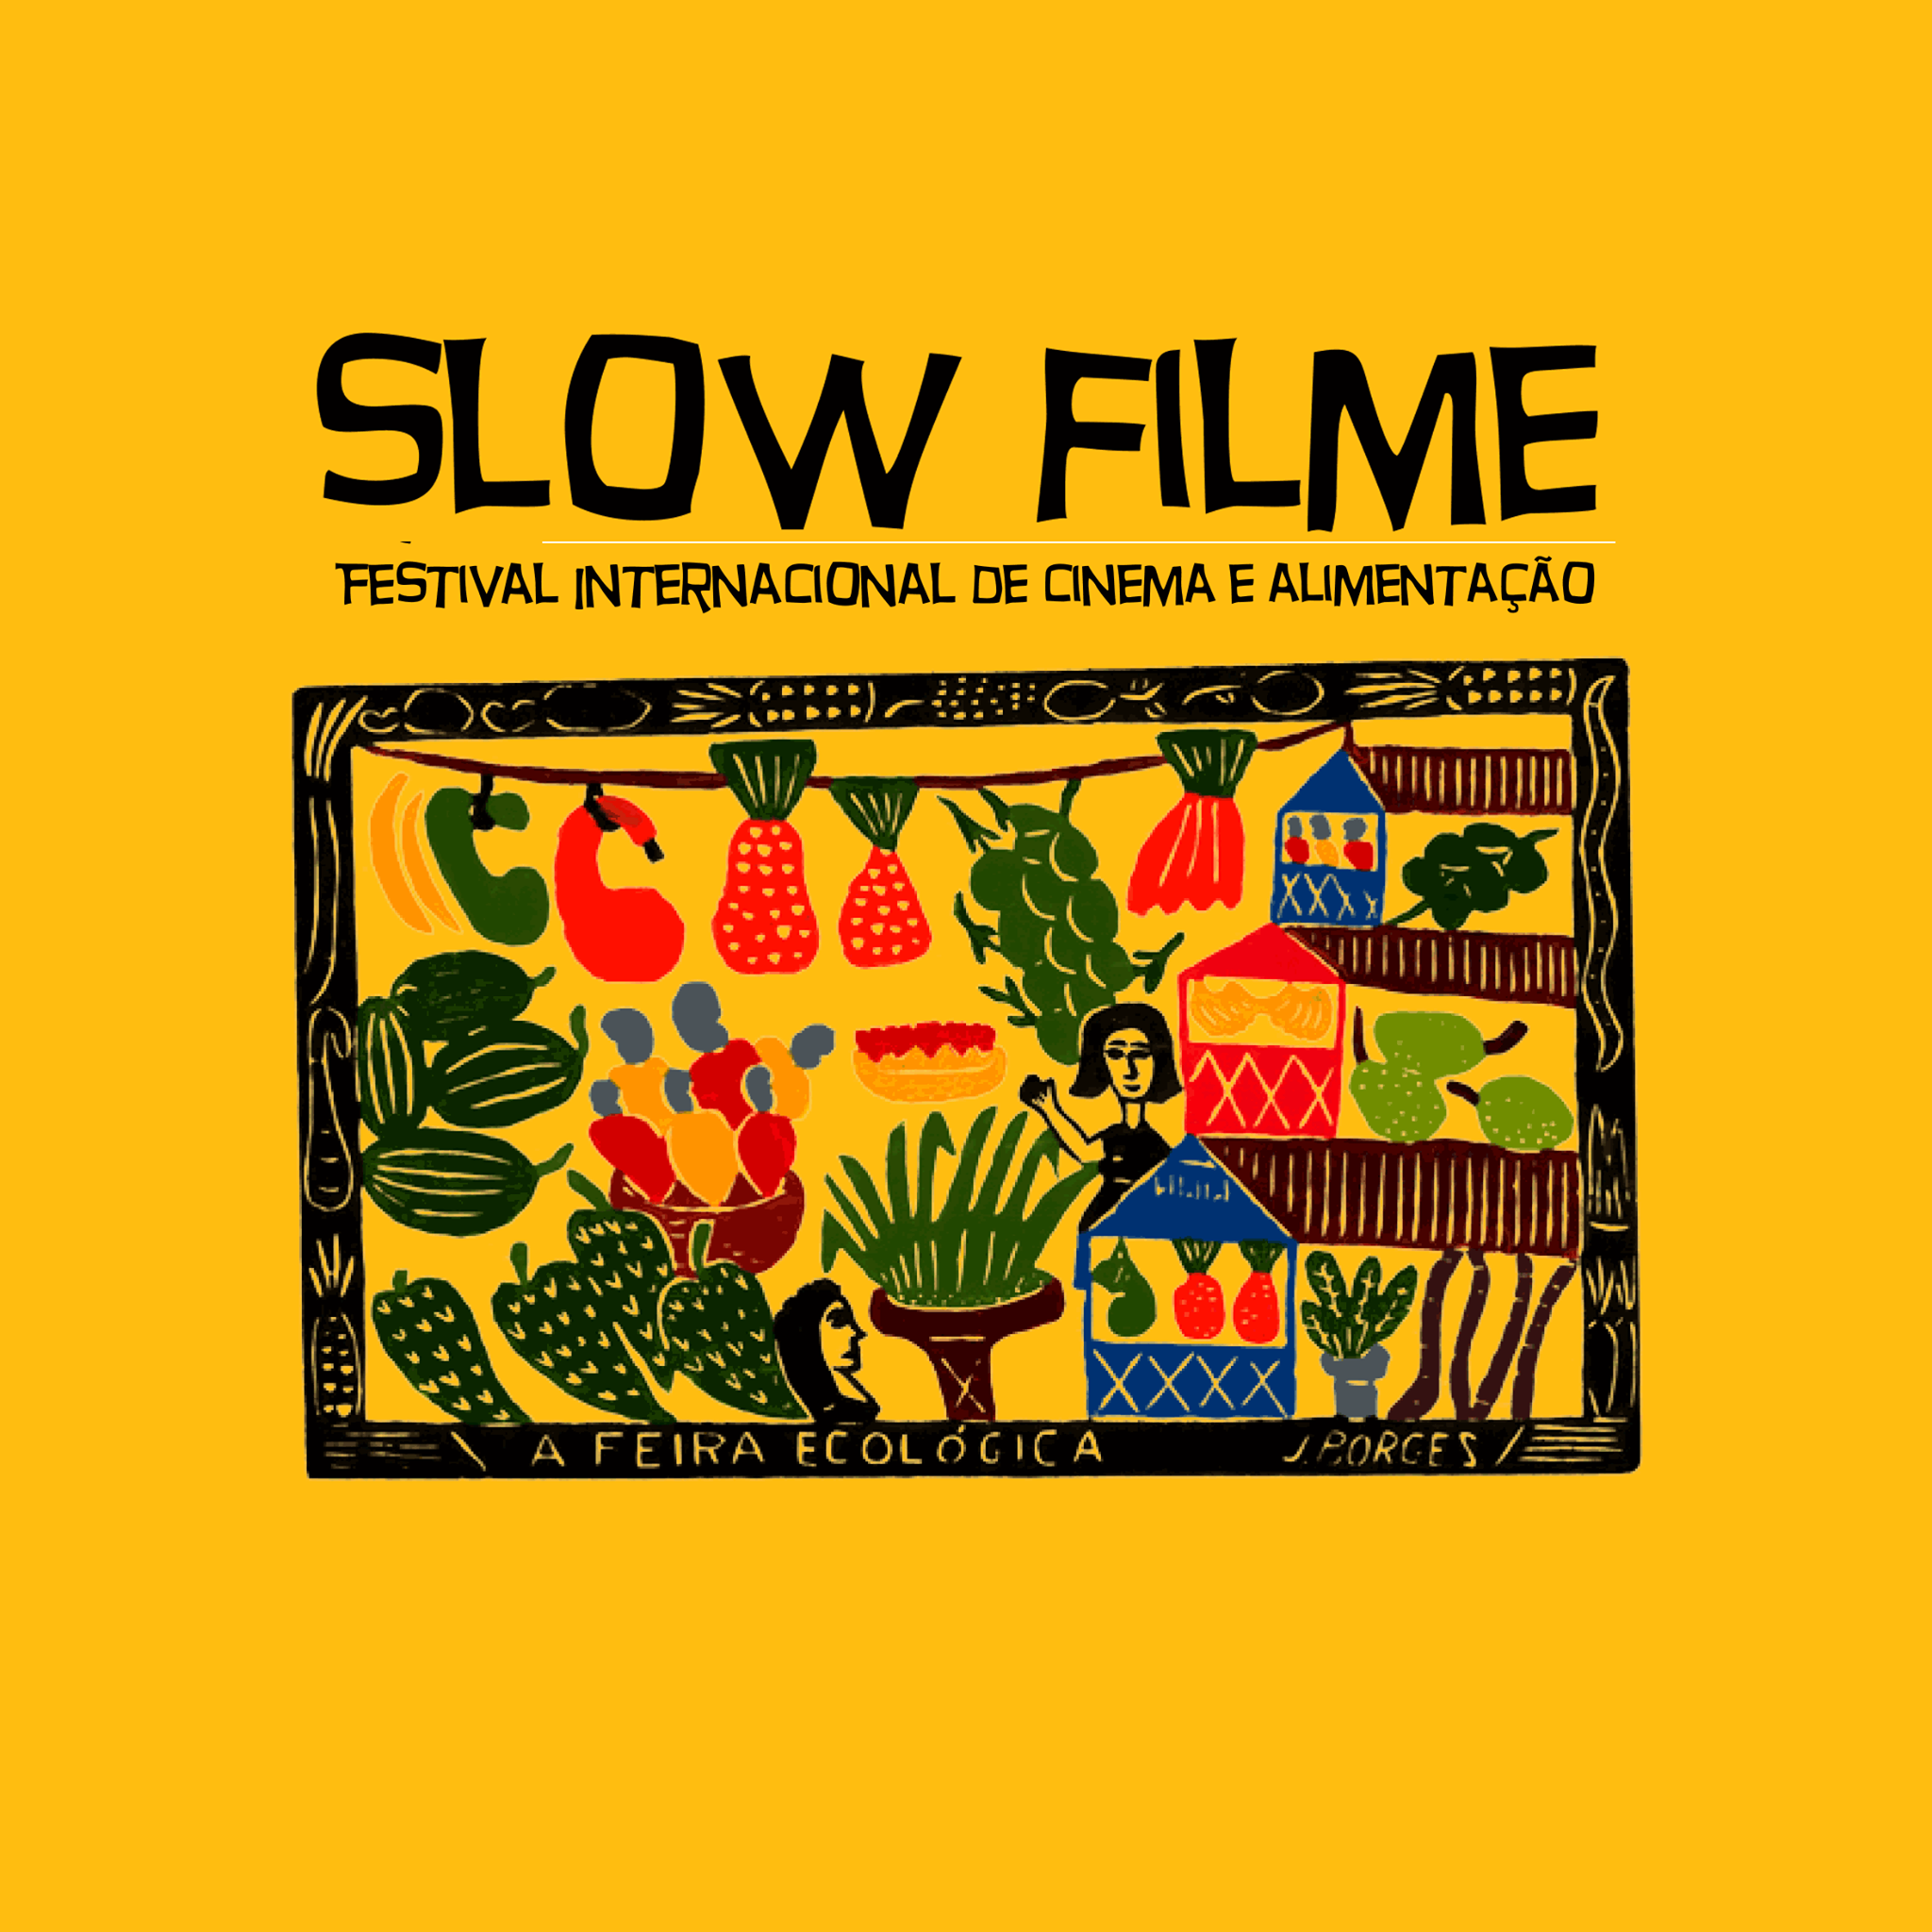 Gunga no 5º SLOW FILME